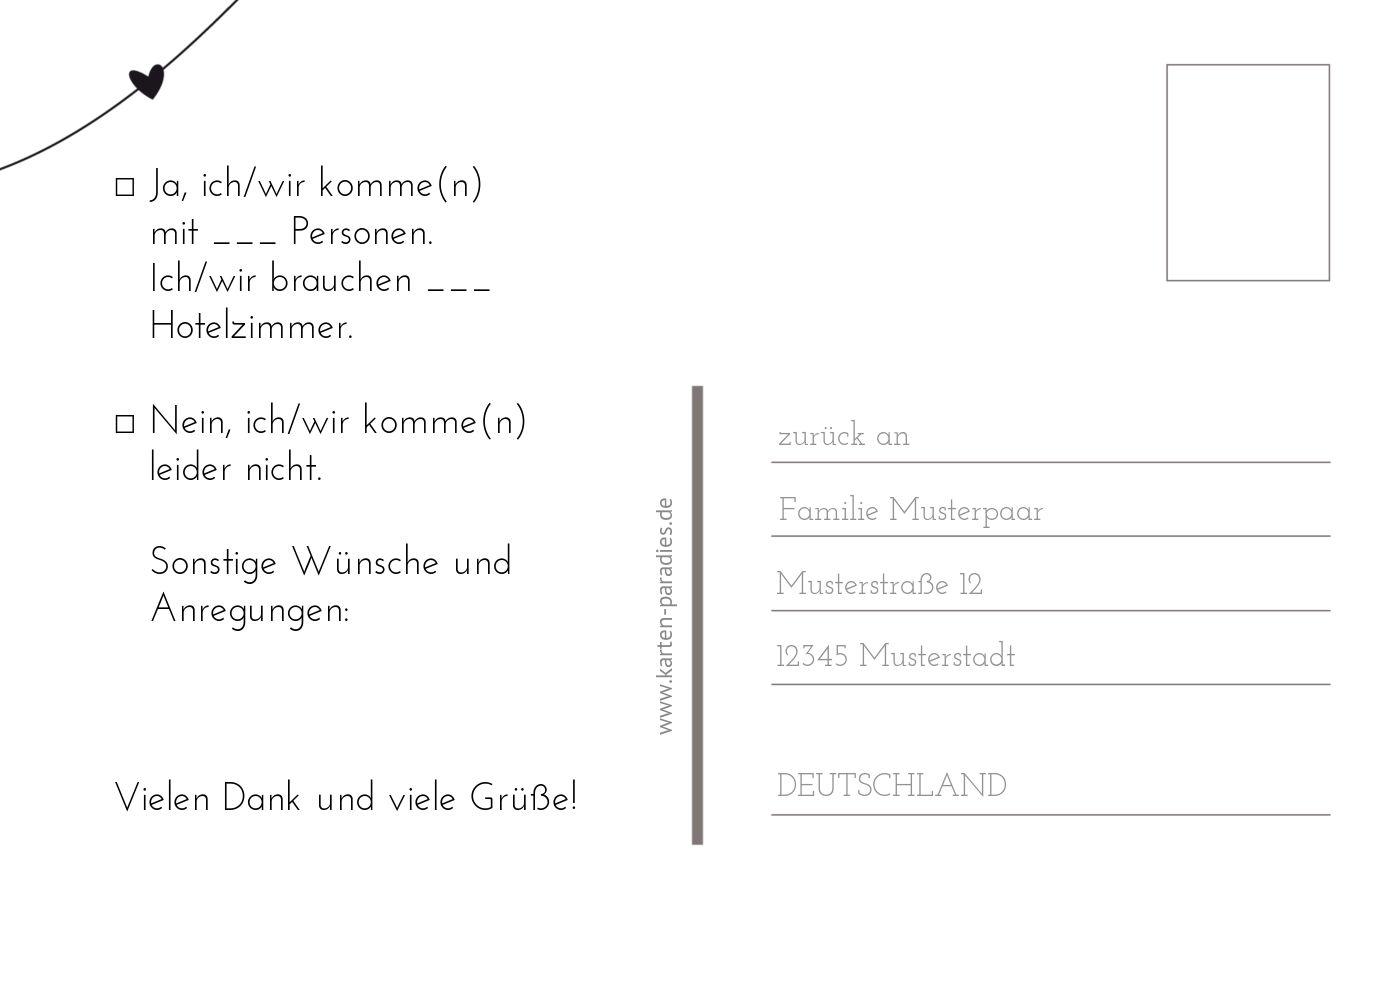 Ansicht 3 - Hochzeit Antwortkarte dresses